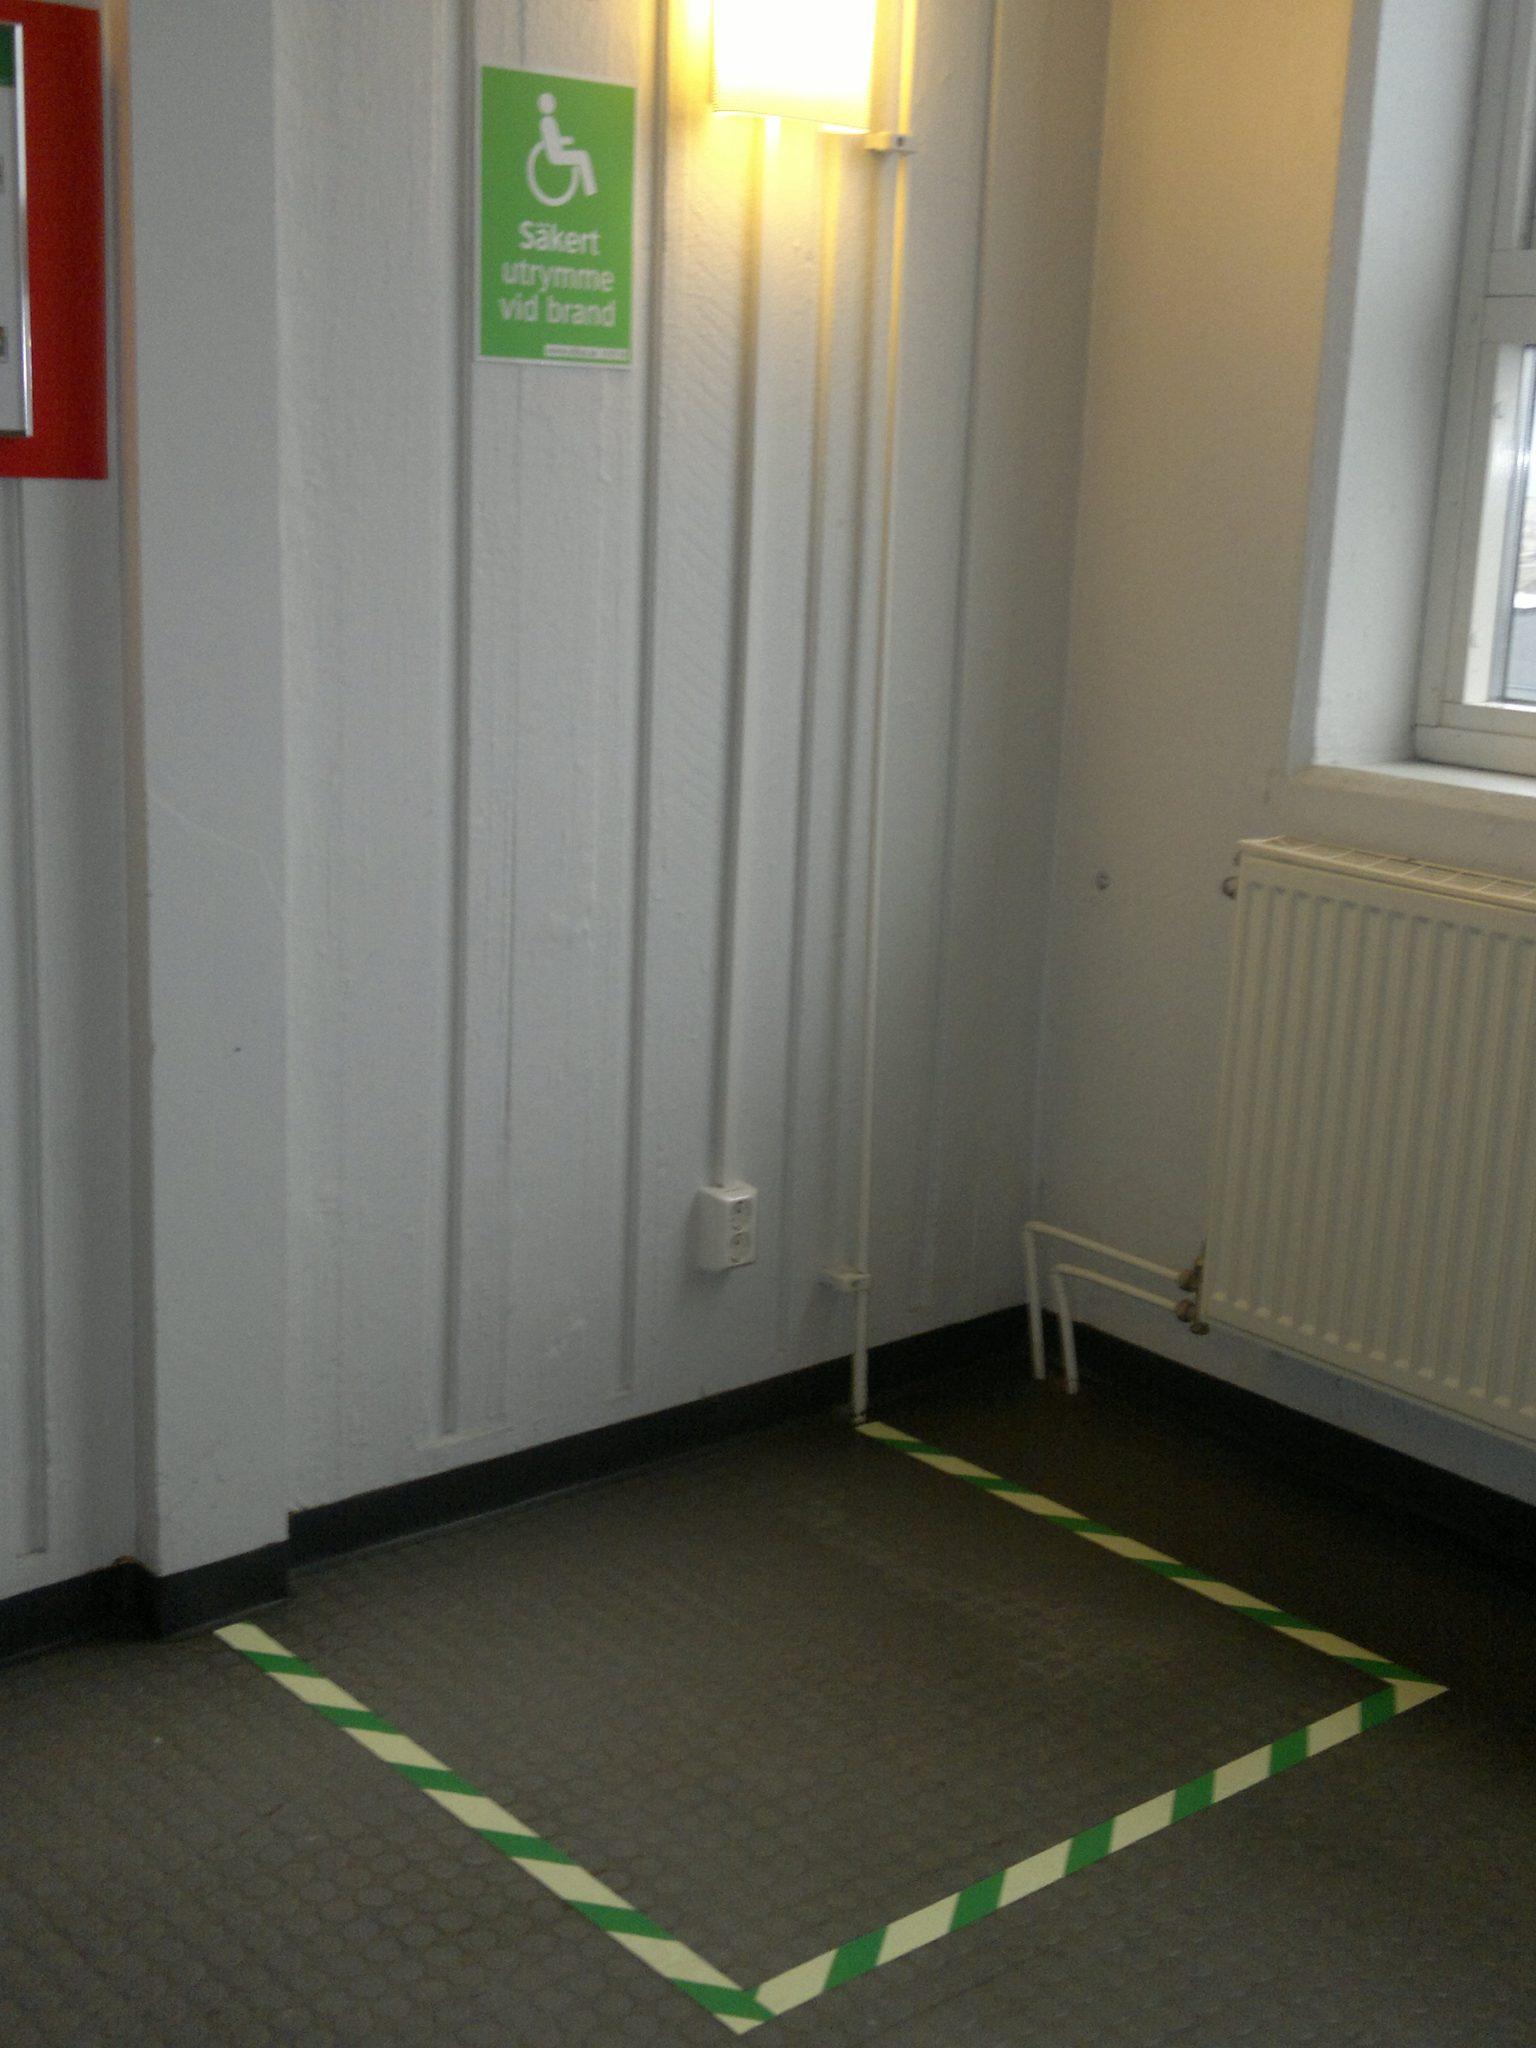 Handicap fire spot